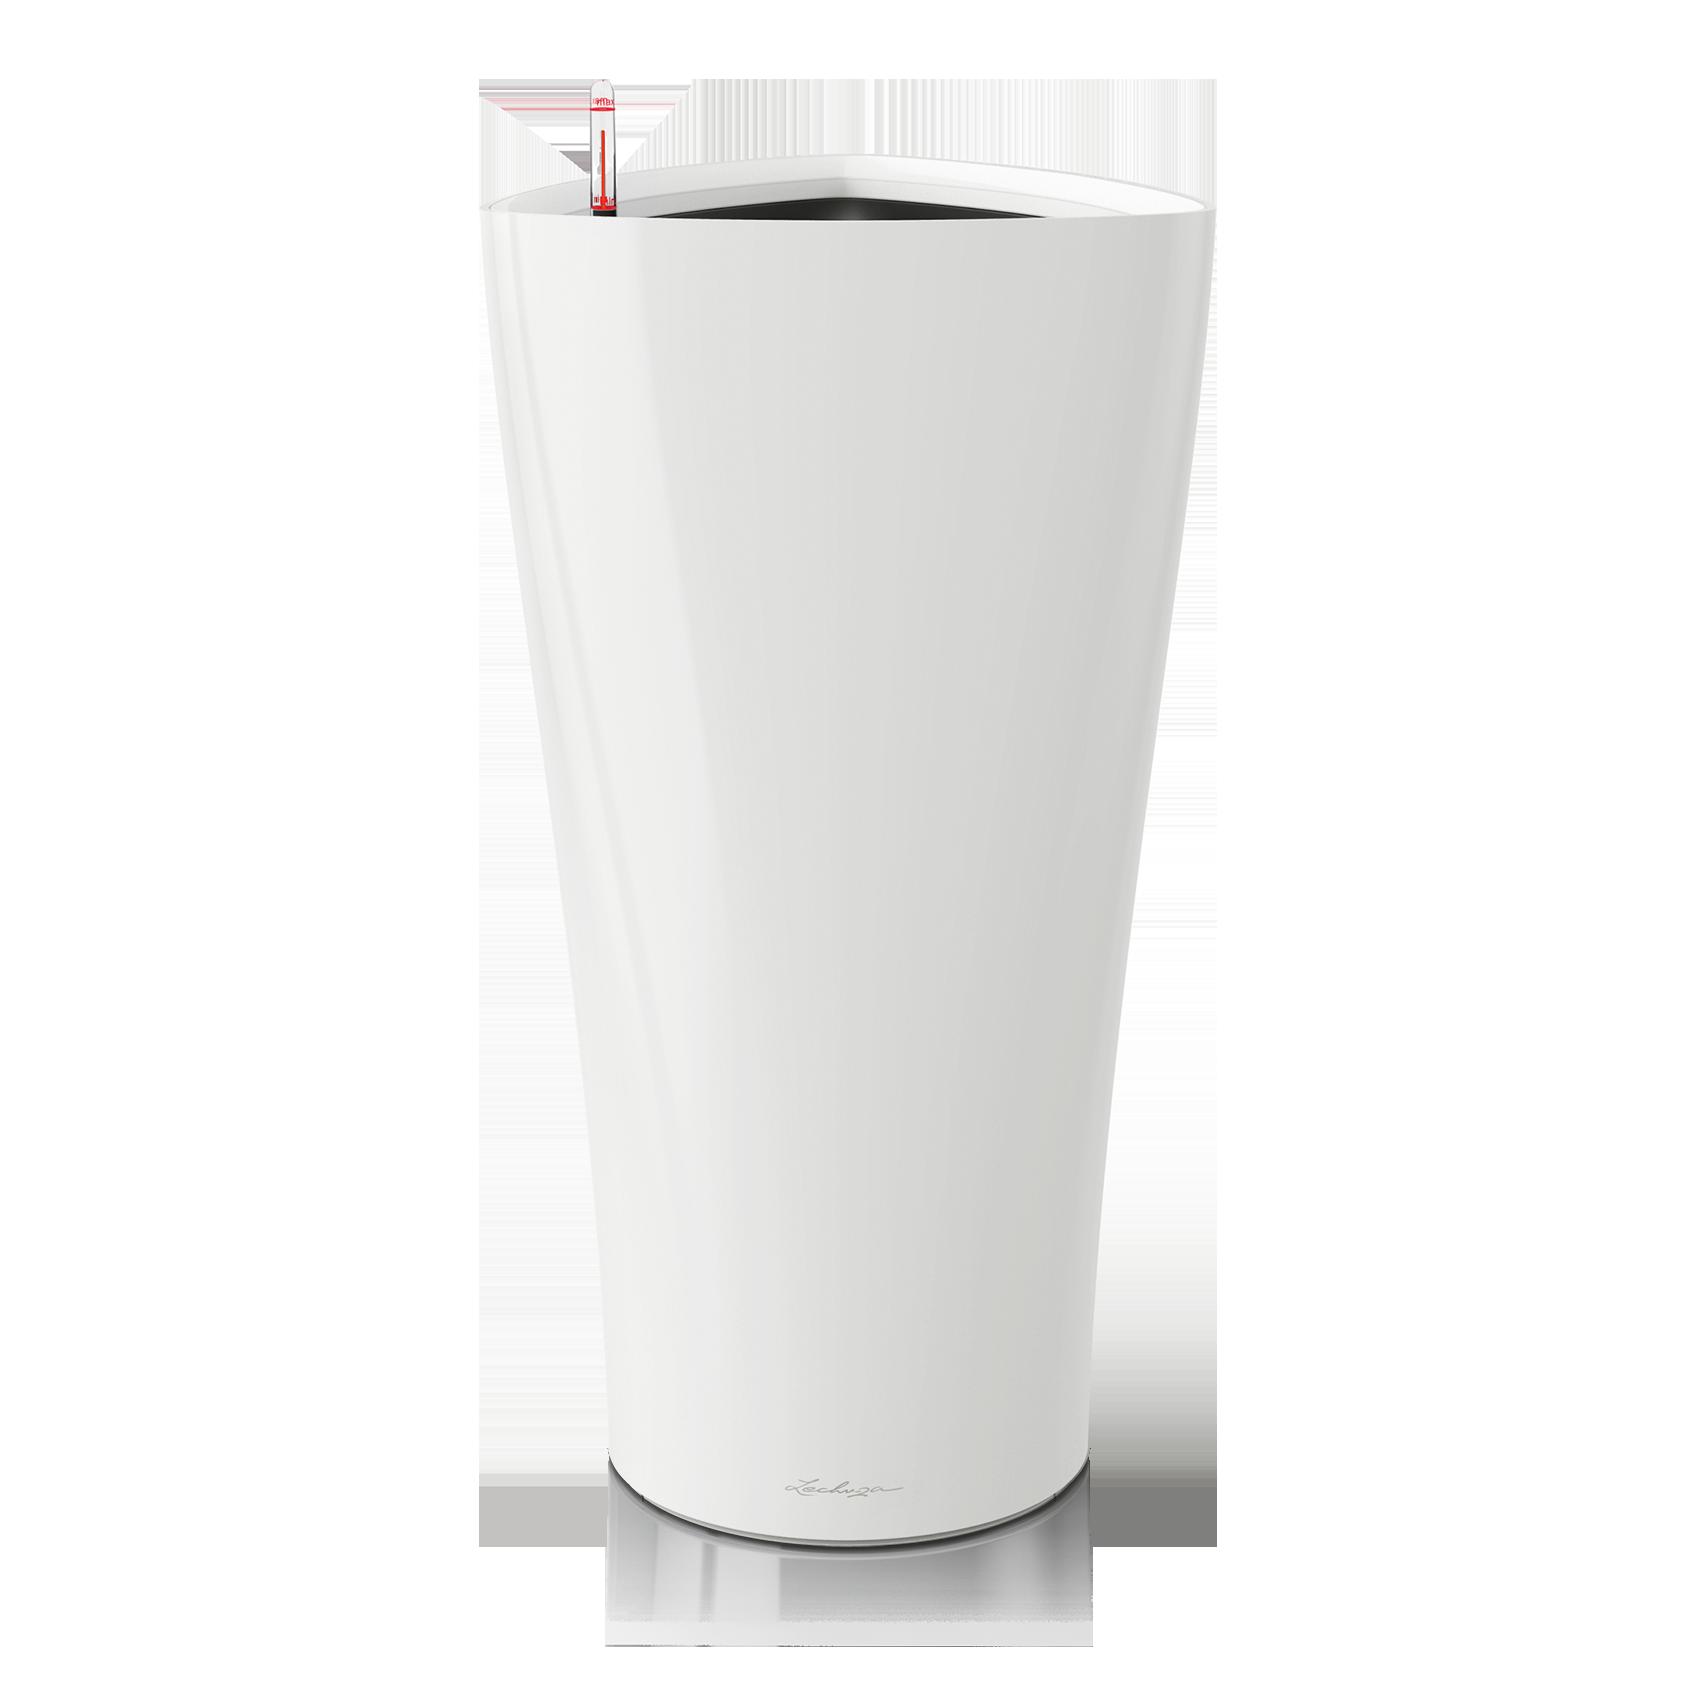 DELTA 30 white high-gloss